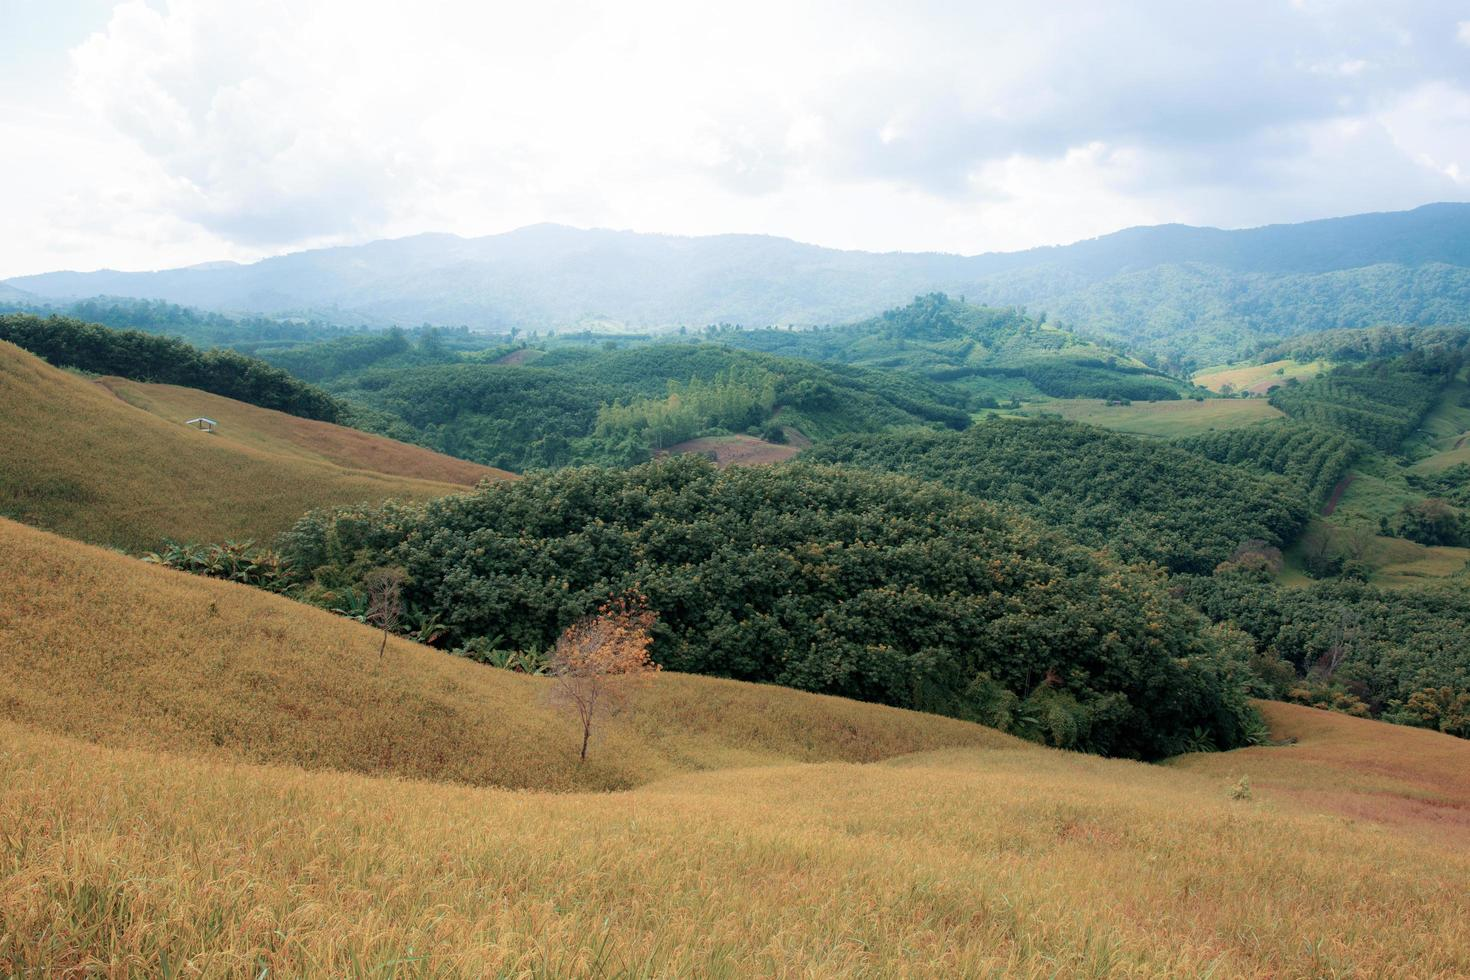 campo di riso sul paesaggio collinare terreno agricolo foto